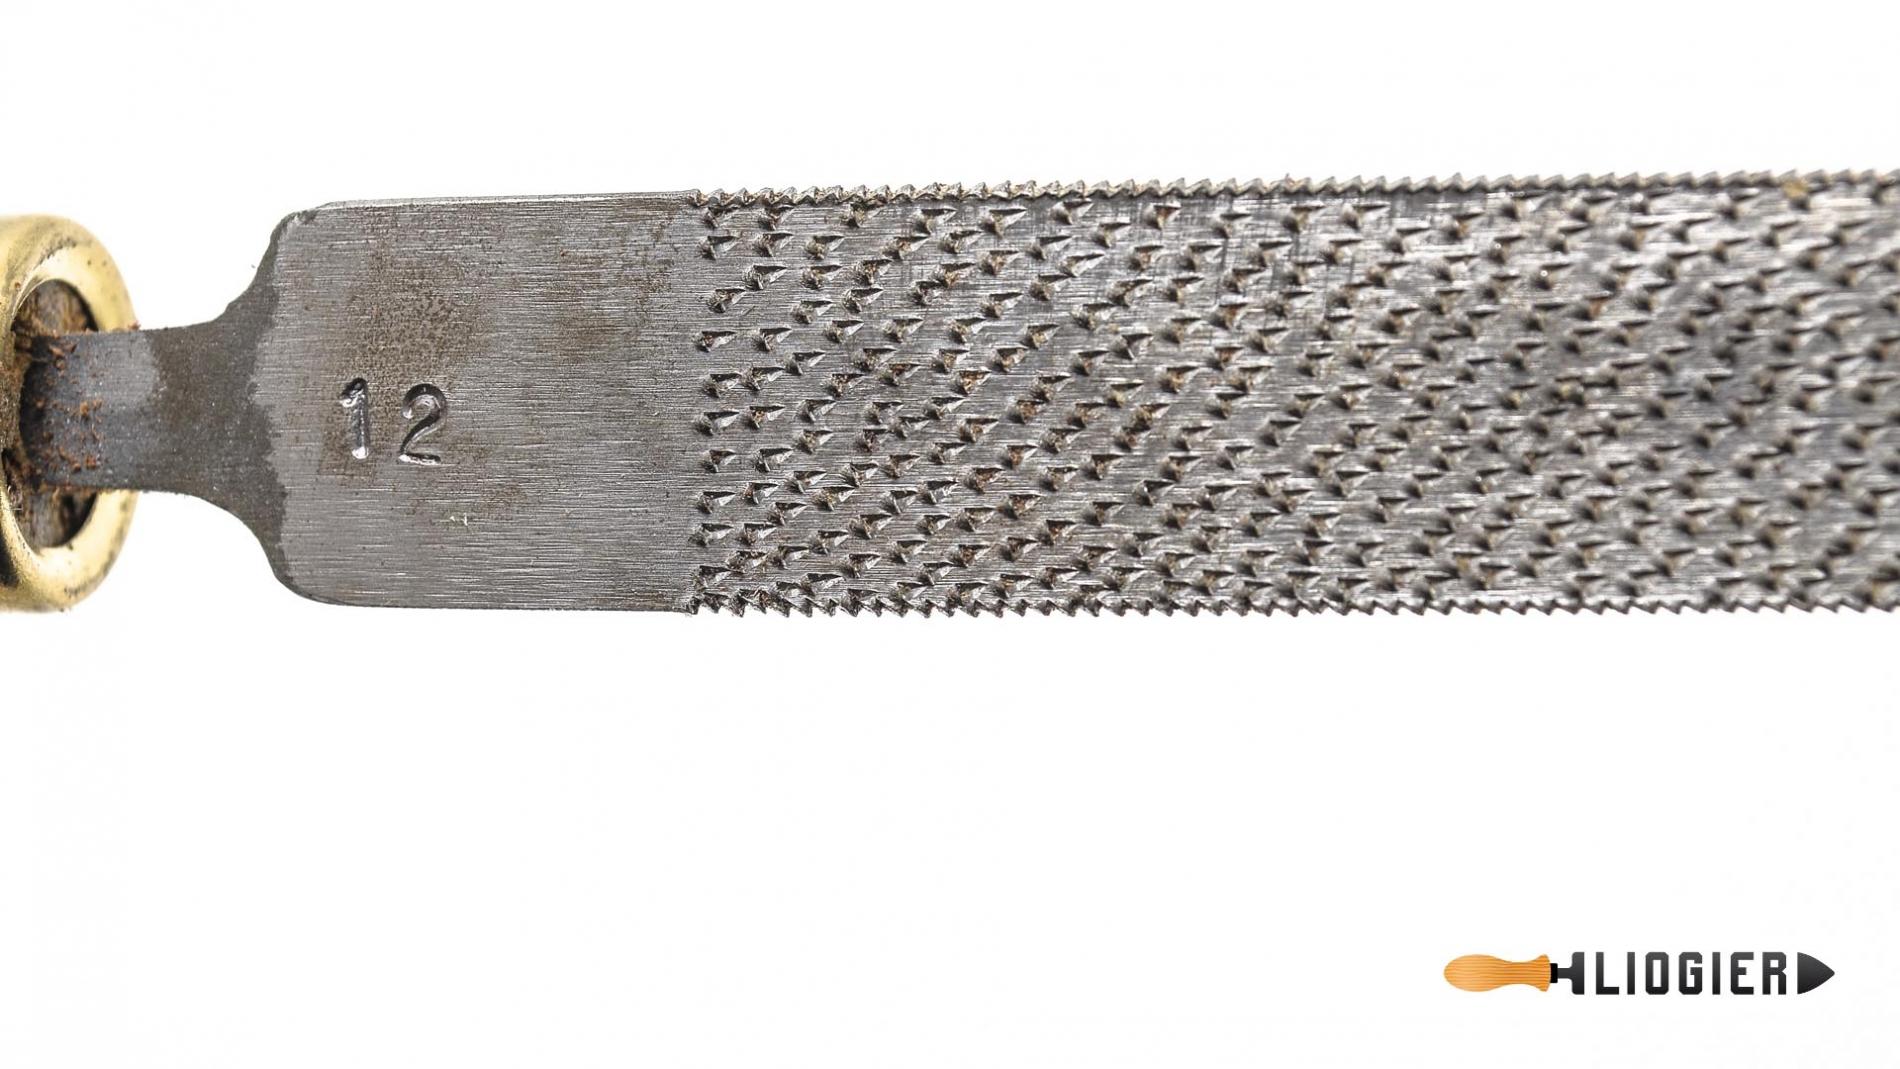 00EFF200-12-Escofina para madera moldear 200mm pique 12 Traditional Derecha Liogier 00EFF200-12-max-4.